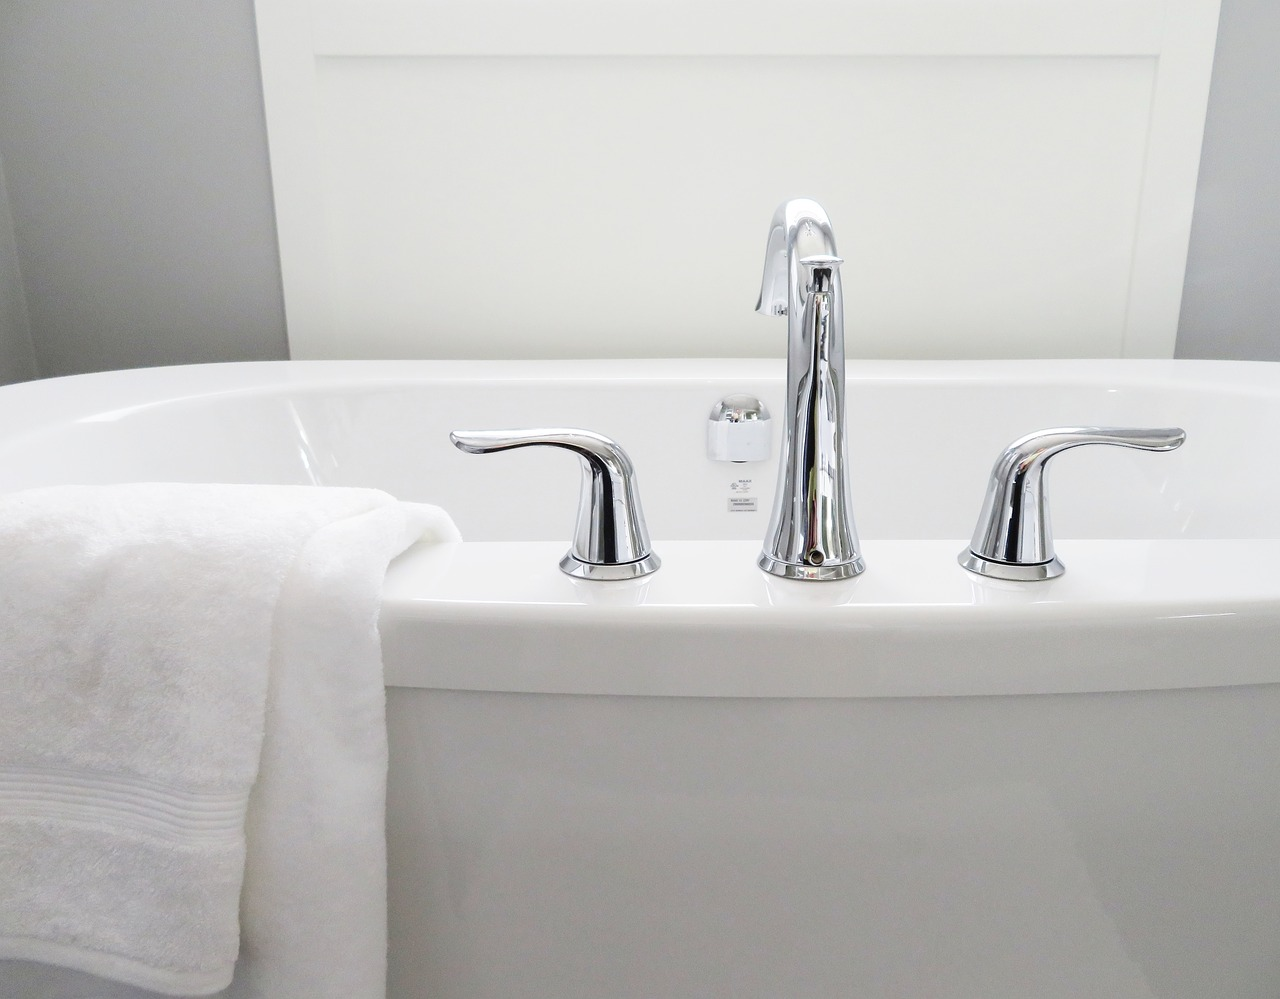 Vasca Da Bagno Miglior Prezzo : Sovrapposizione vasca da bagno come funziona e quanto costa